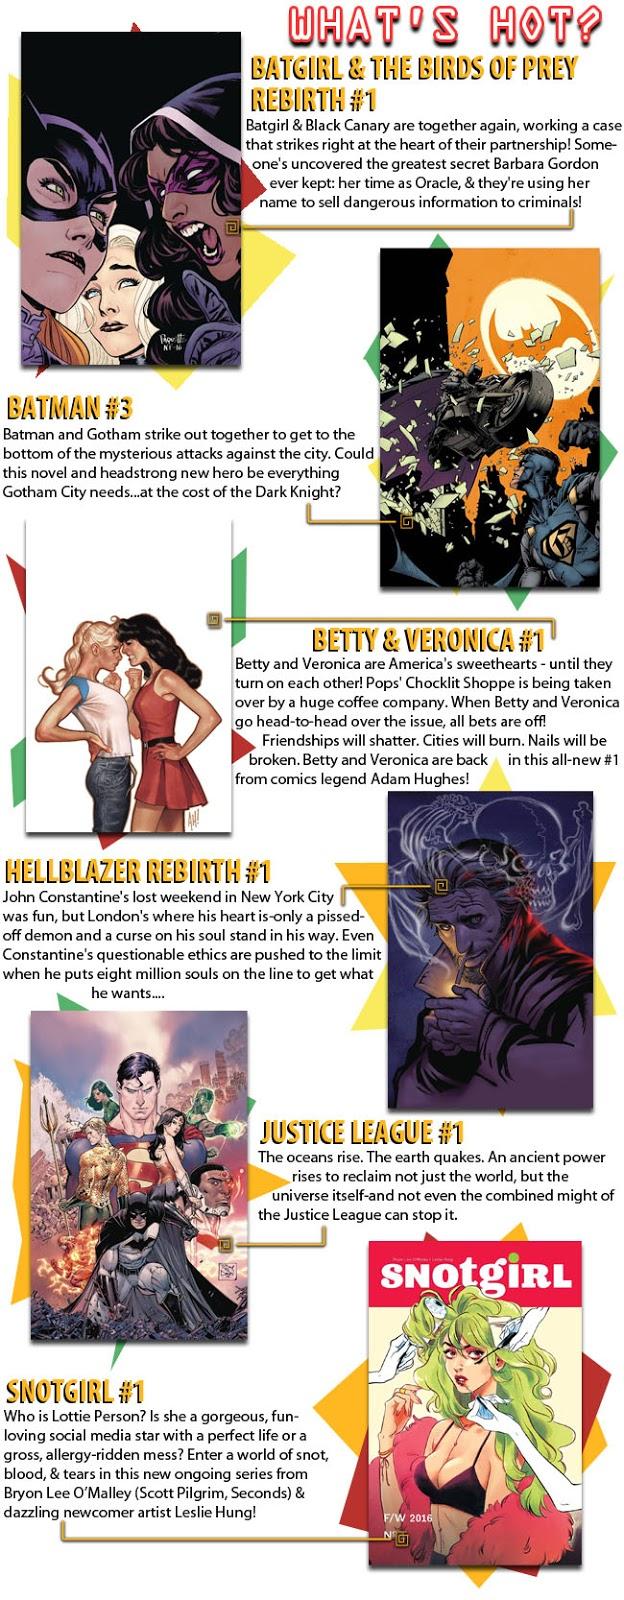 year v comics art: